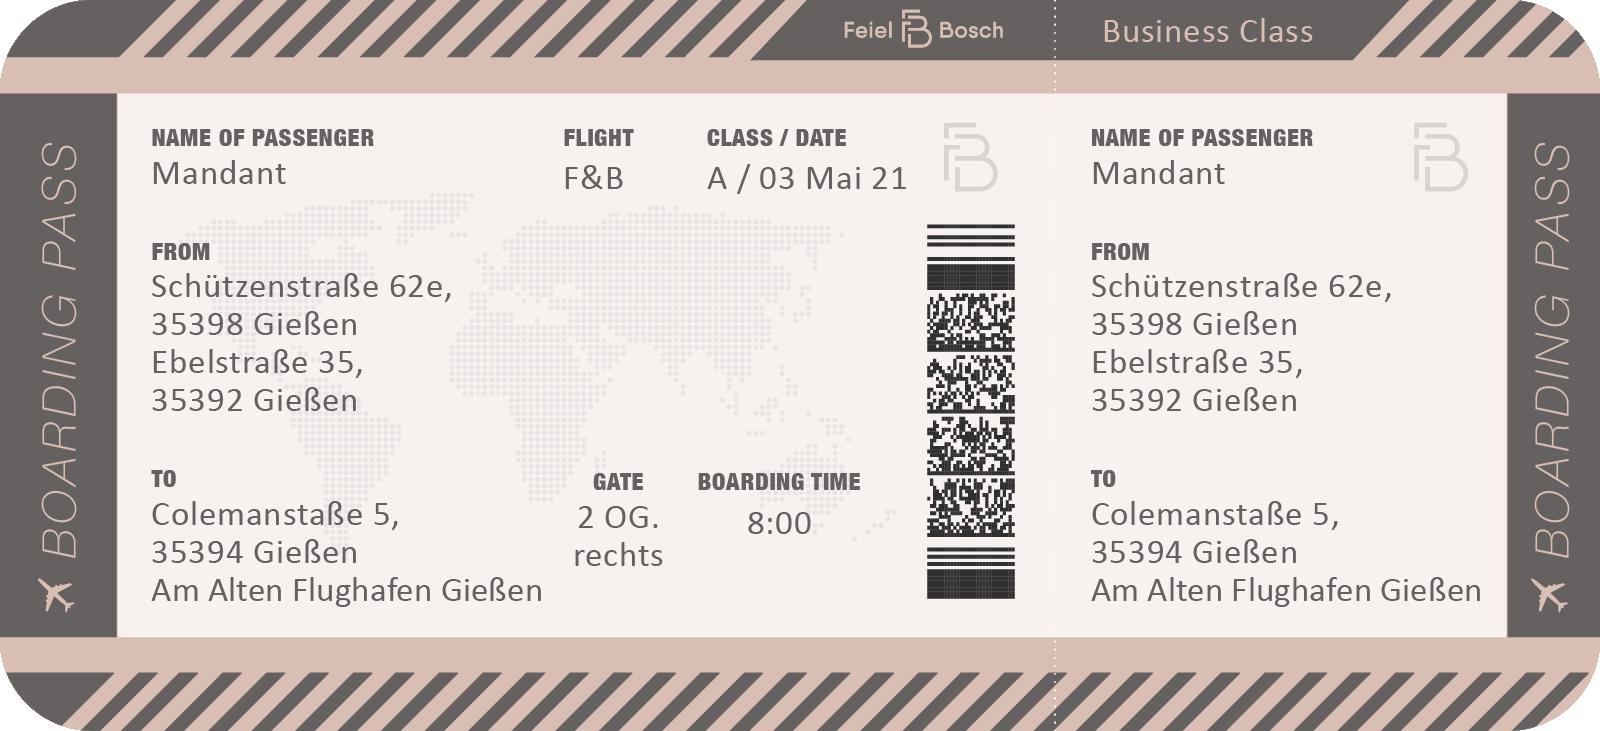 Feiel & Bosch - Boardingpass - Adressen